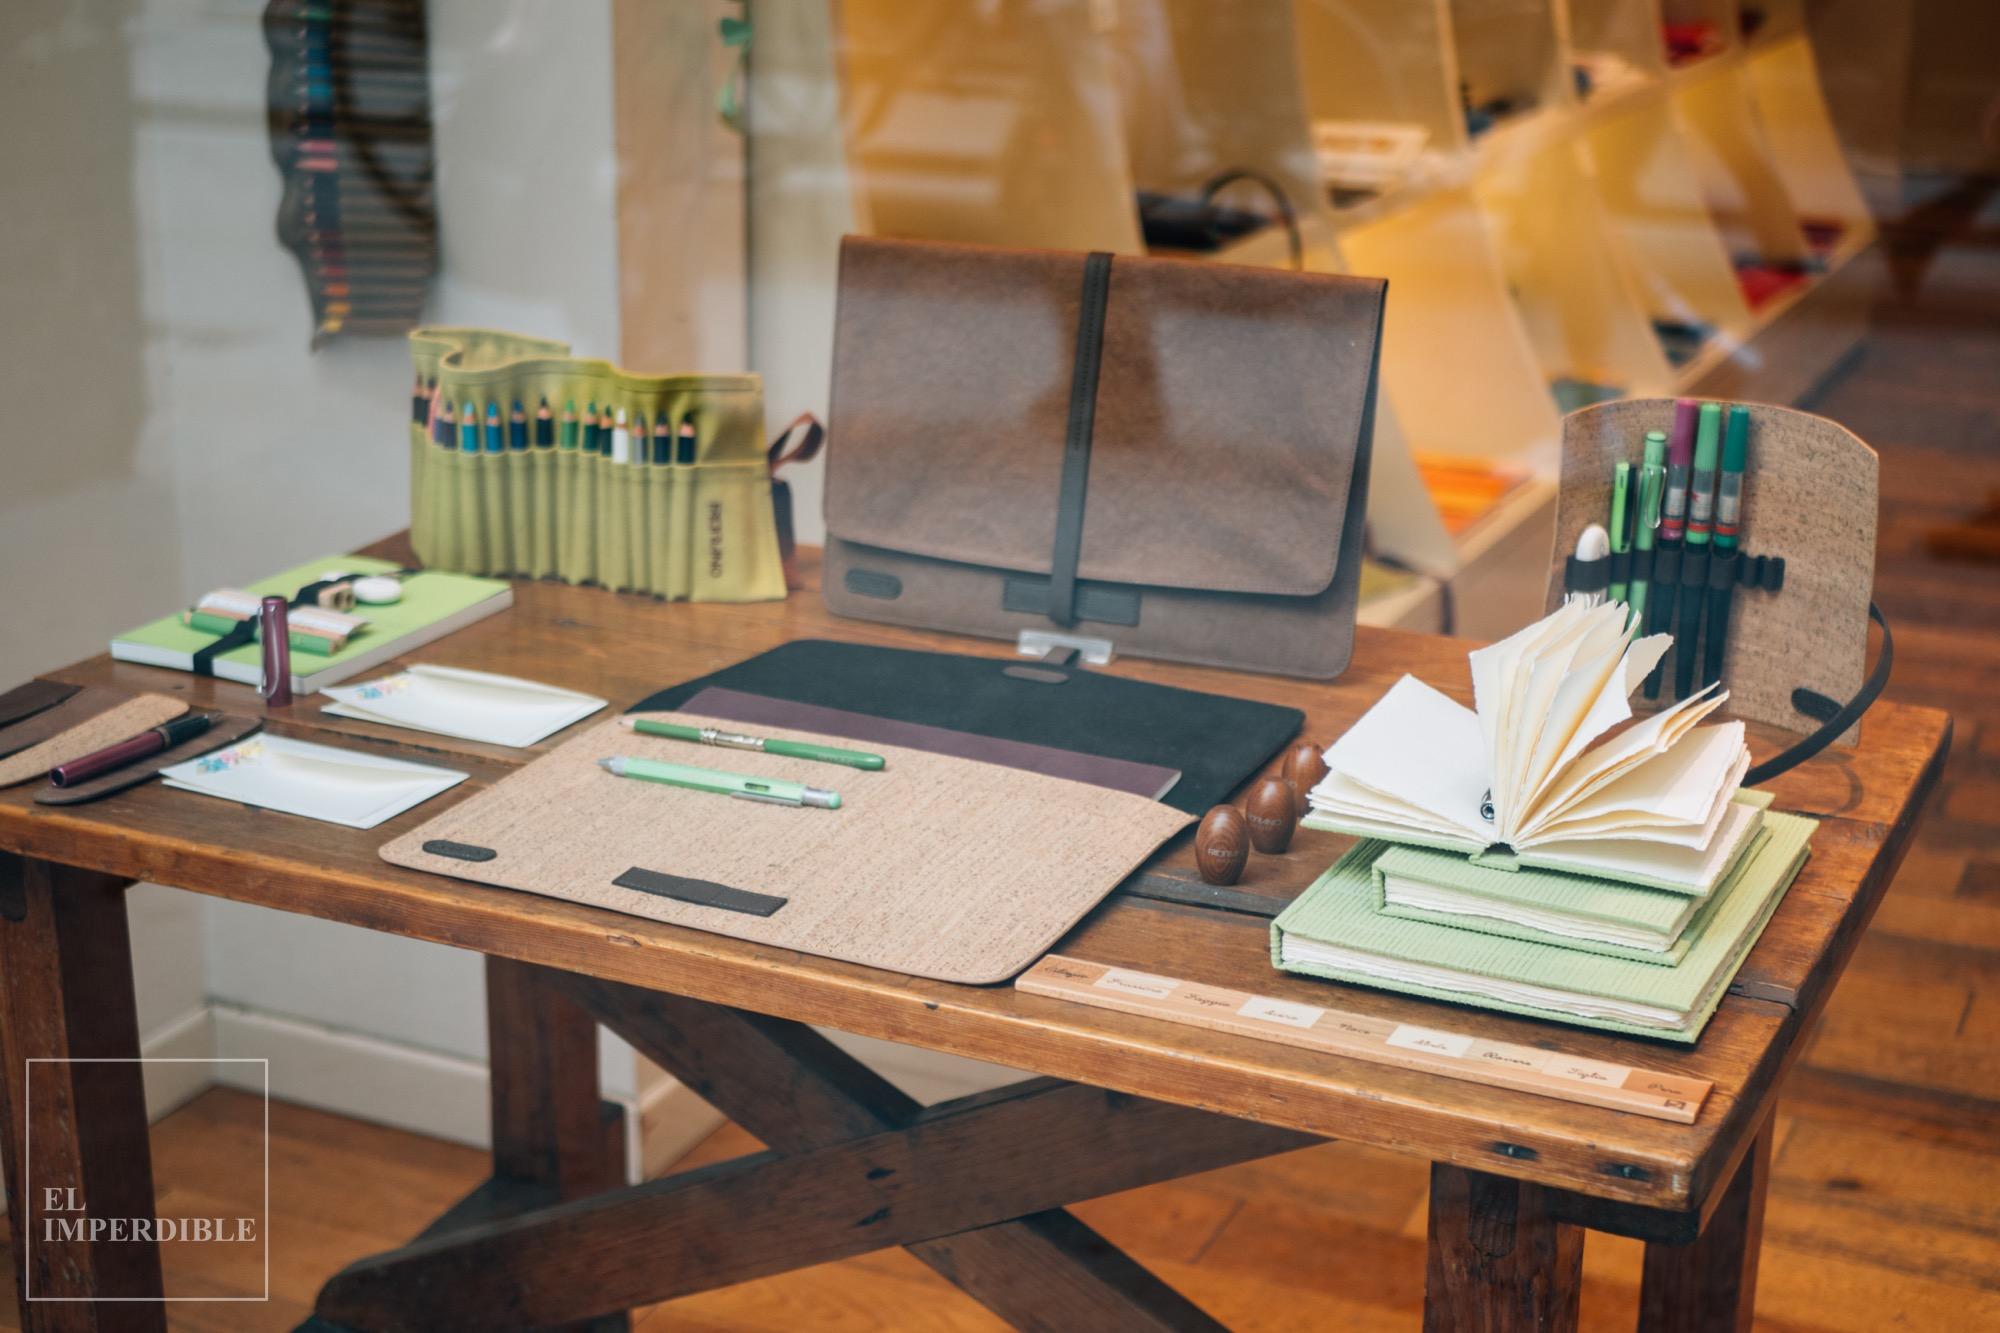 Las mejores tiendas para ir de compras por Florencia Fabriano papelería